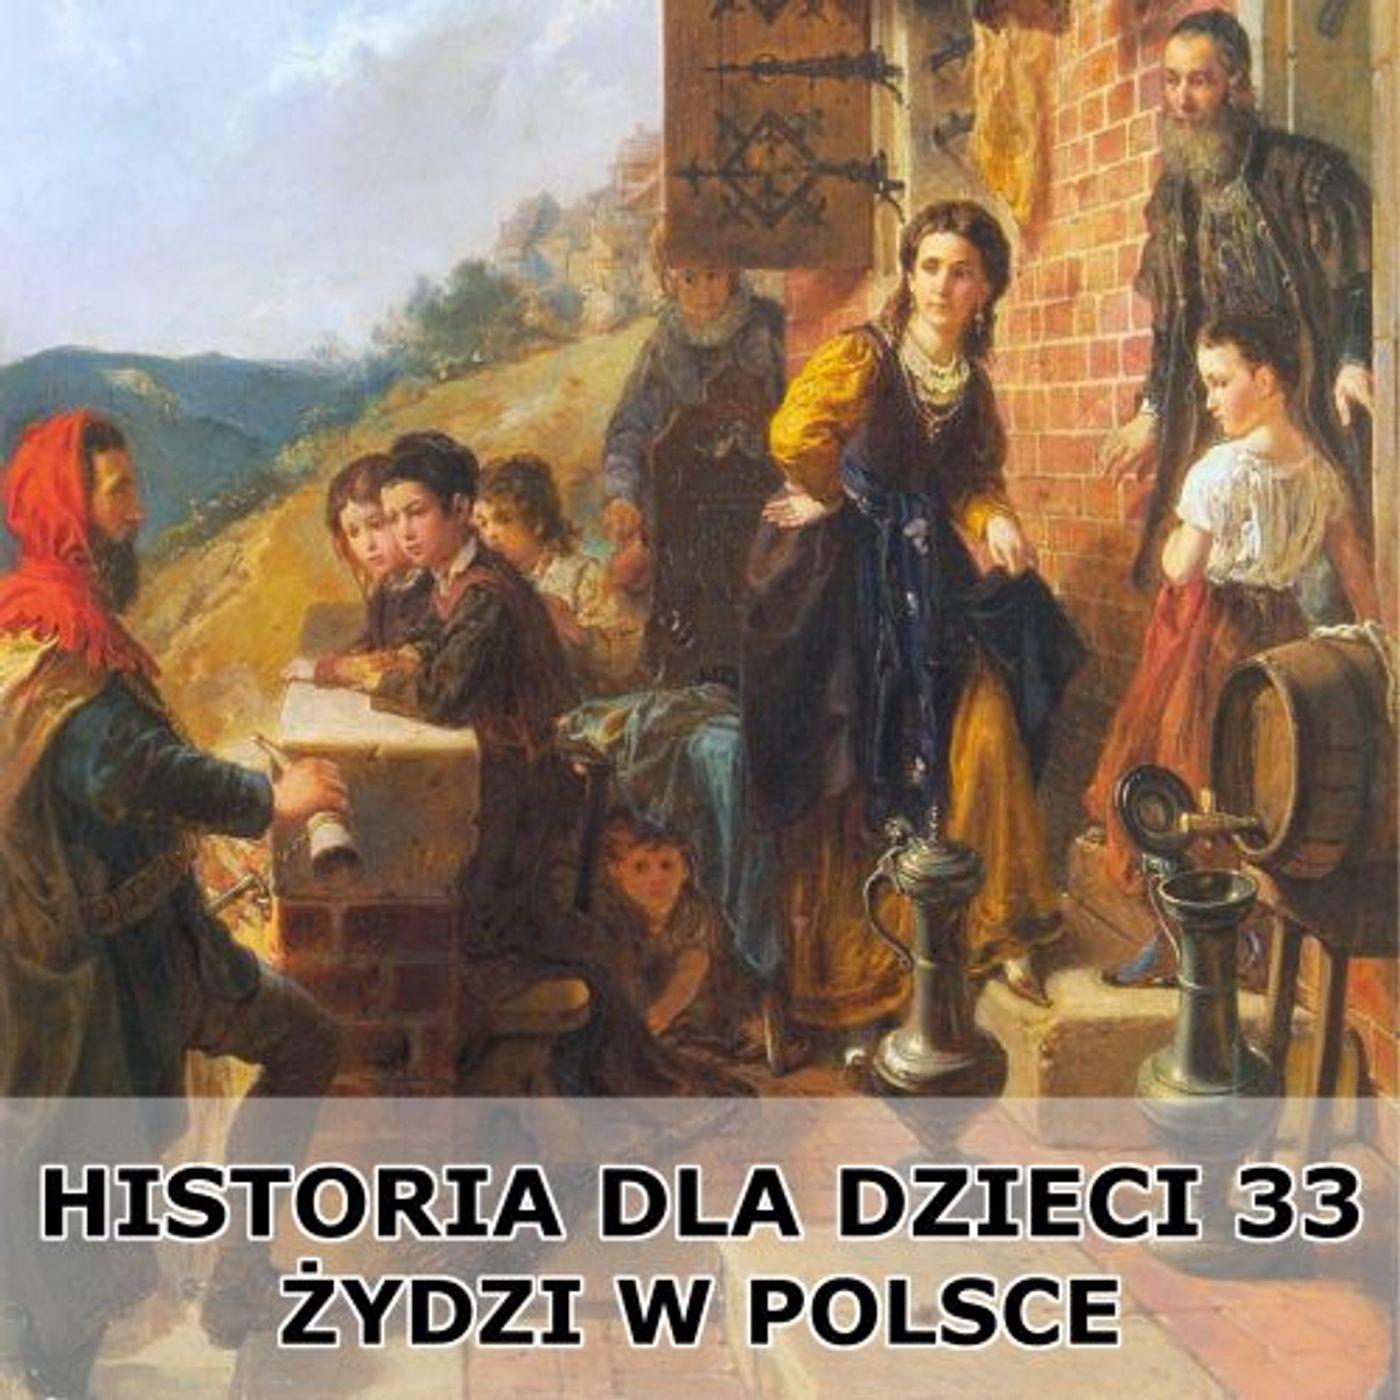 33 - Żydzi w Polsce